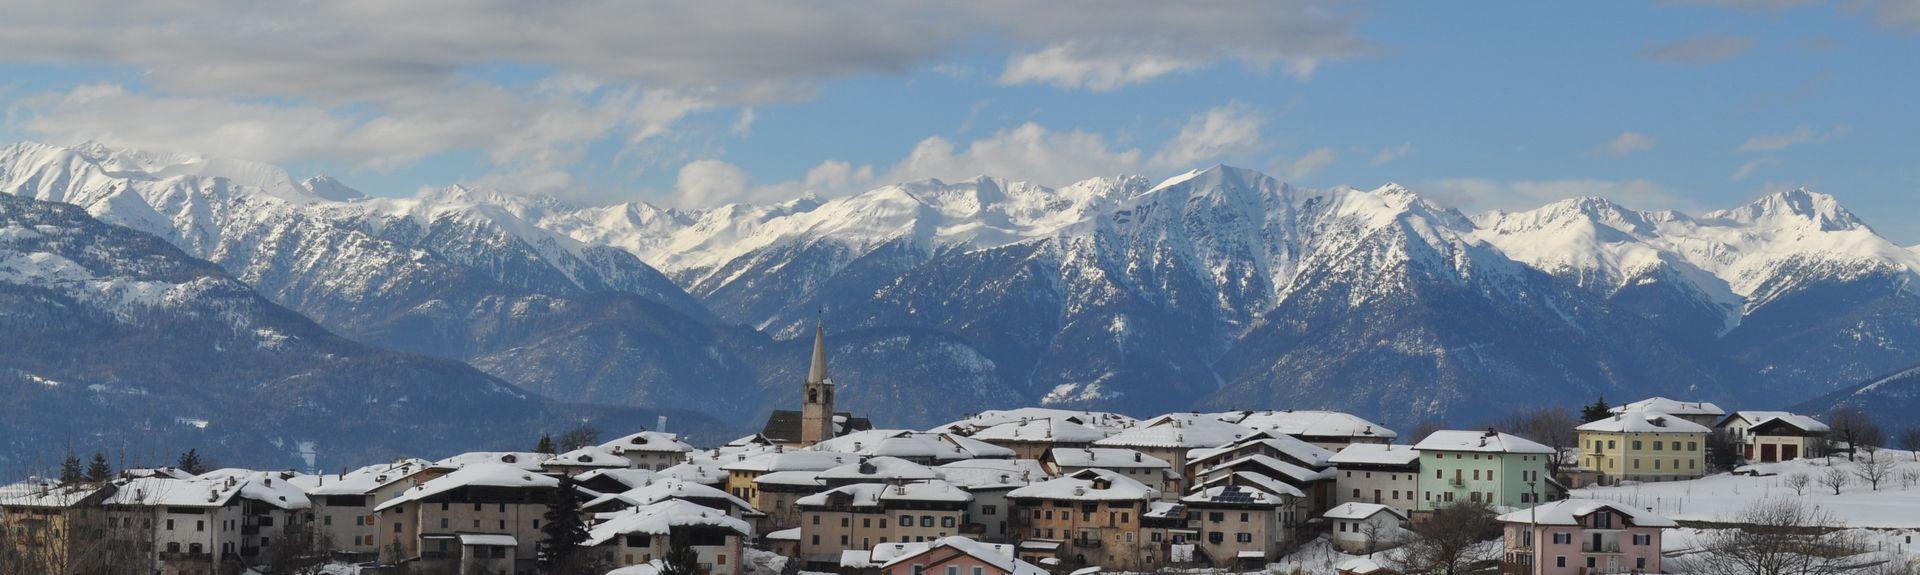 Cis, Trentino-Alto Adige, Italia